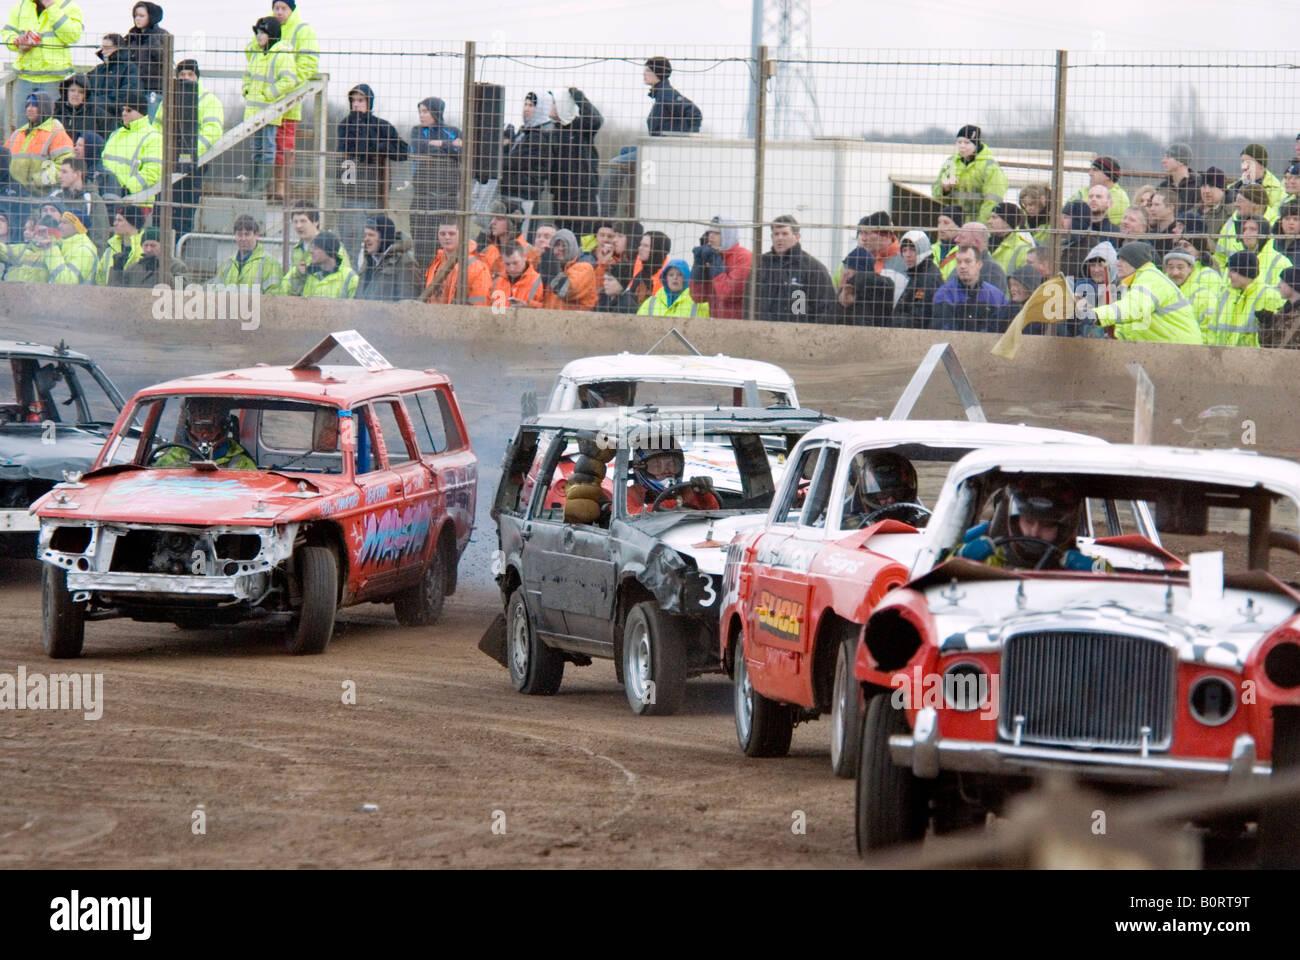 Stock Car Auto Racing Stock Photos & Stock Car Auto Racing Stock ...